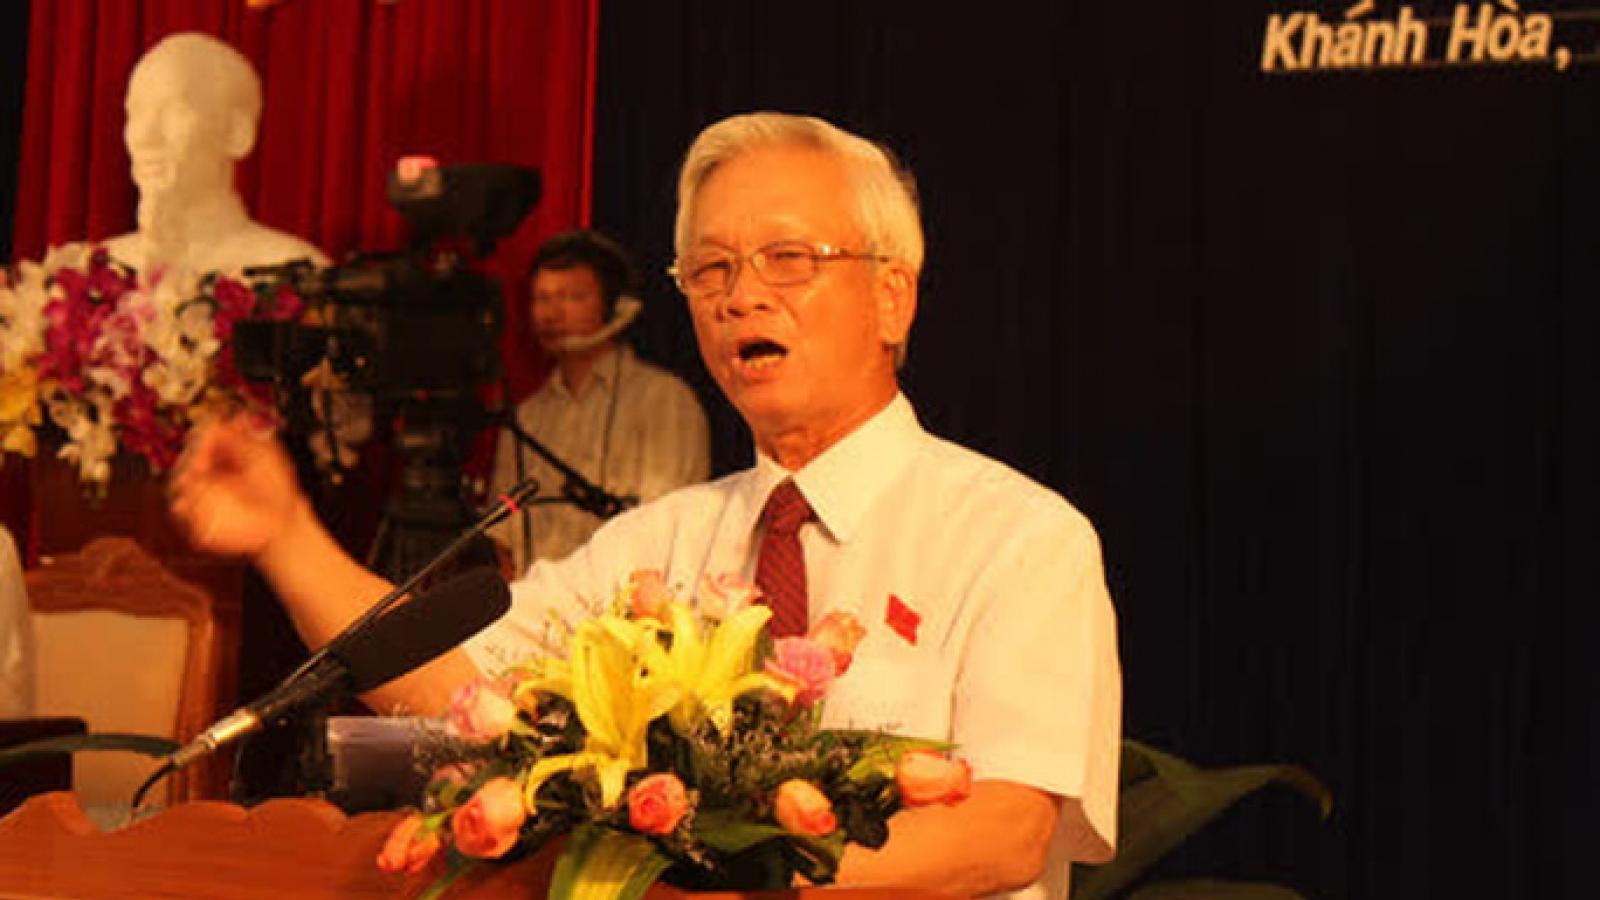 Ông Nguyễn Chiến Thắng, cựu Chủ tịch Khánh Hòa bị khởi tố thêm ở 1 vụ án khác